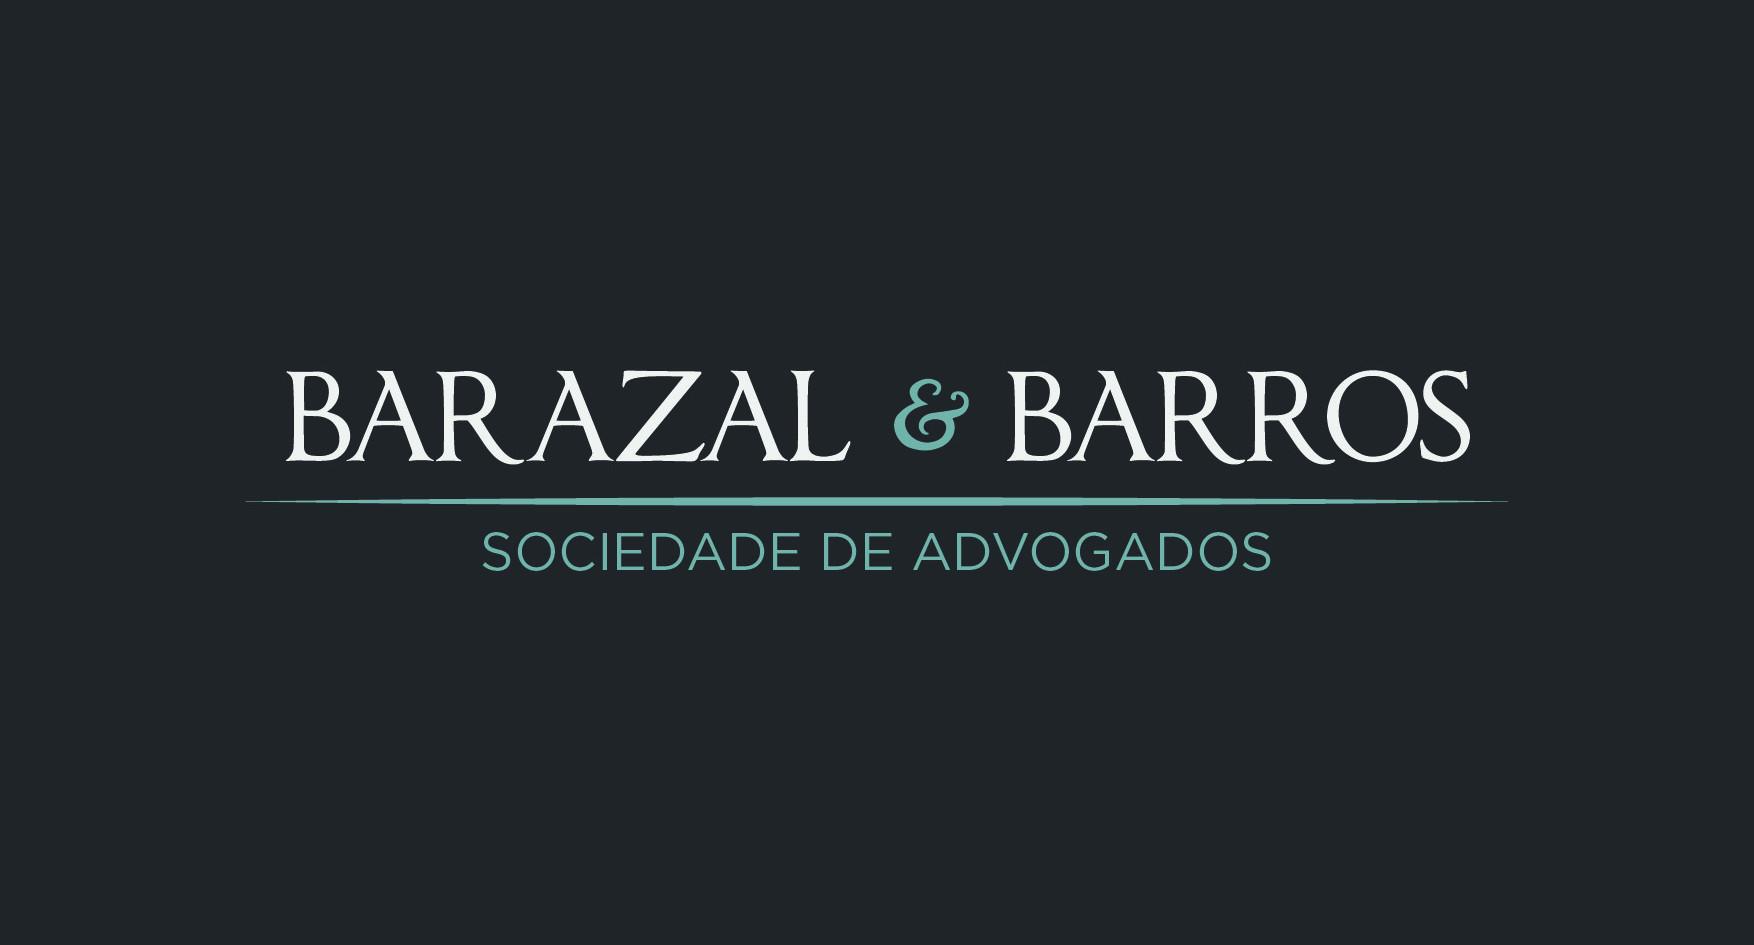 Logo e cores_final-03.jpg